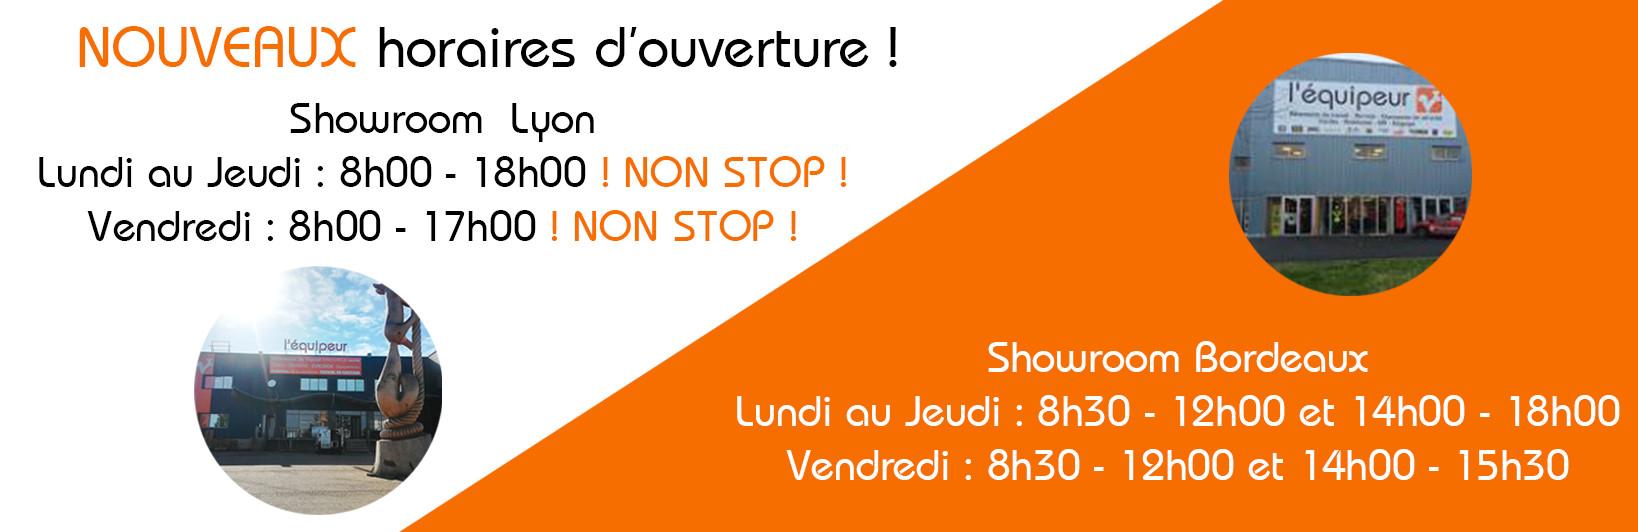 Nouveau horaires d'ouverture Showroom l'équipeur Pierre Bénite